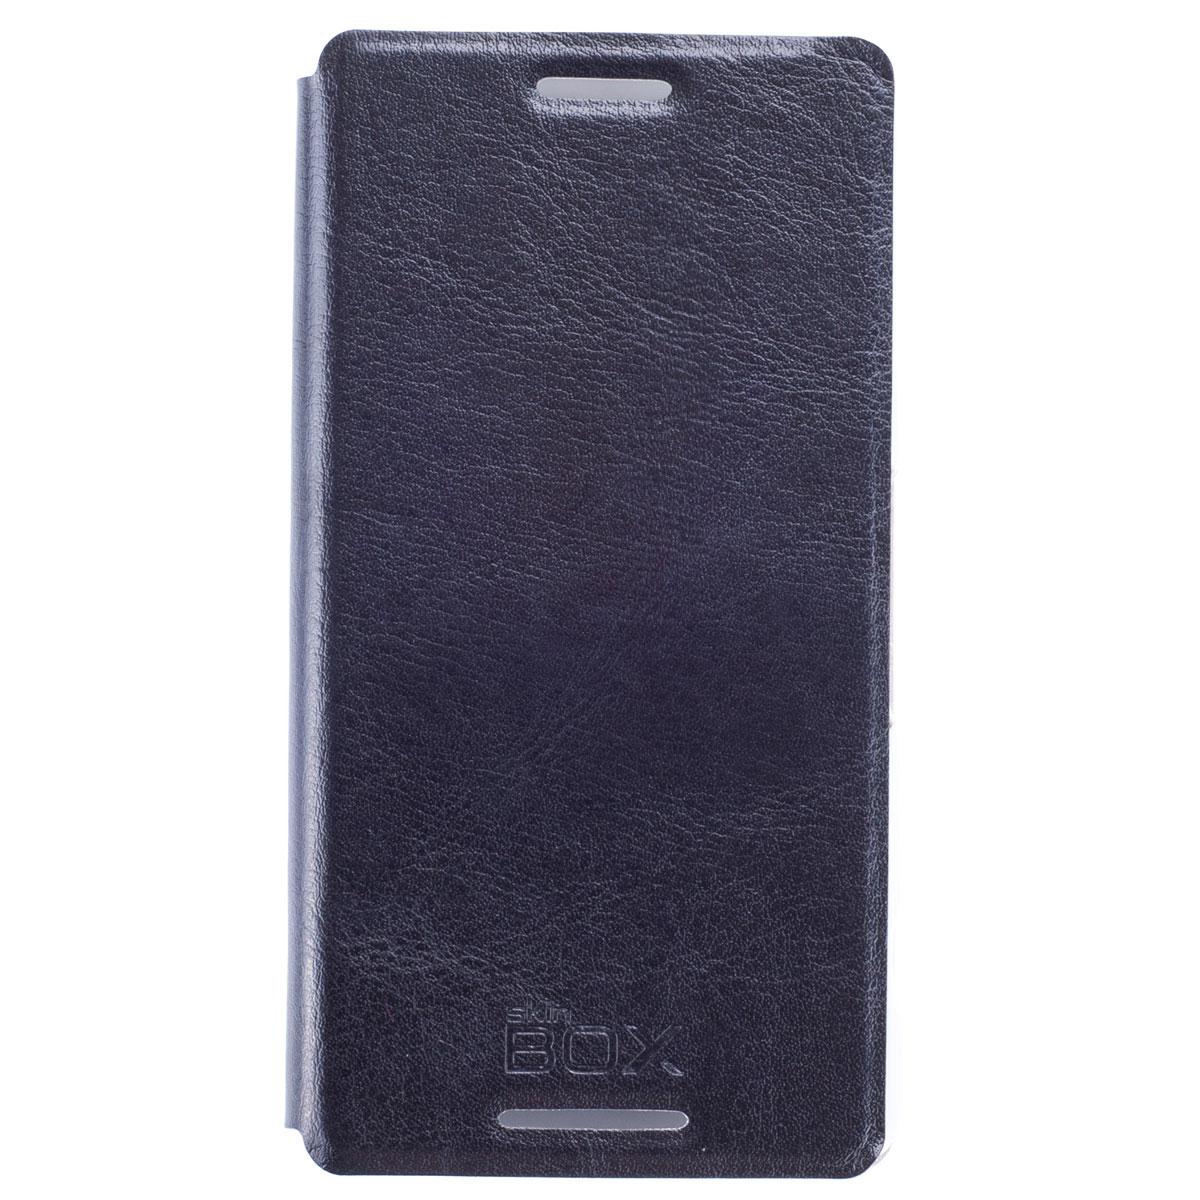 Skinbox Lux чехол для Sony Xperia Z3 Compact, BlackT-S-AXZ3C-003Чехол Skinbox Lux выполнен из высококачественного поликарбоната и экокожи. Он обеспечивает надежную защиту корпуса и экрана смартфона и надолго сохраняет его привлекательный внешний вид. Чехол также обеспечивает свободный доступ ко всем разъемам и клавишам устройства.